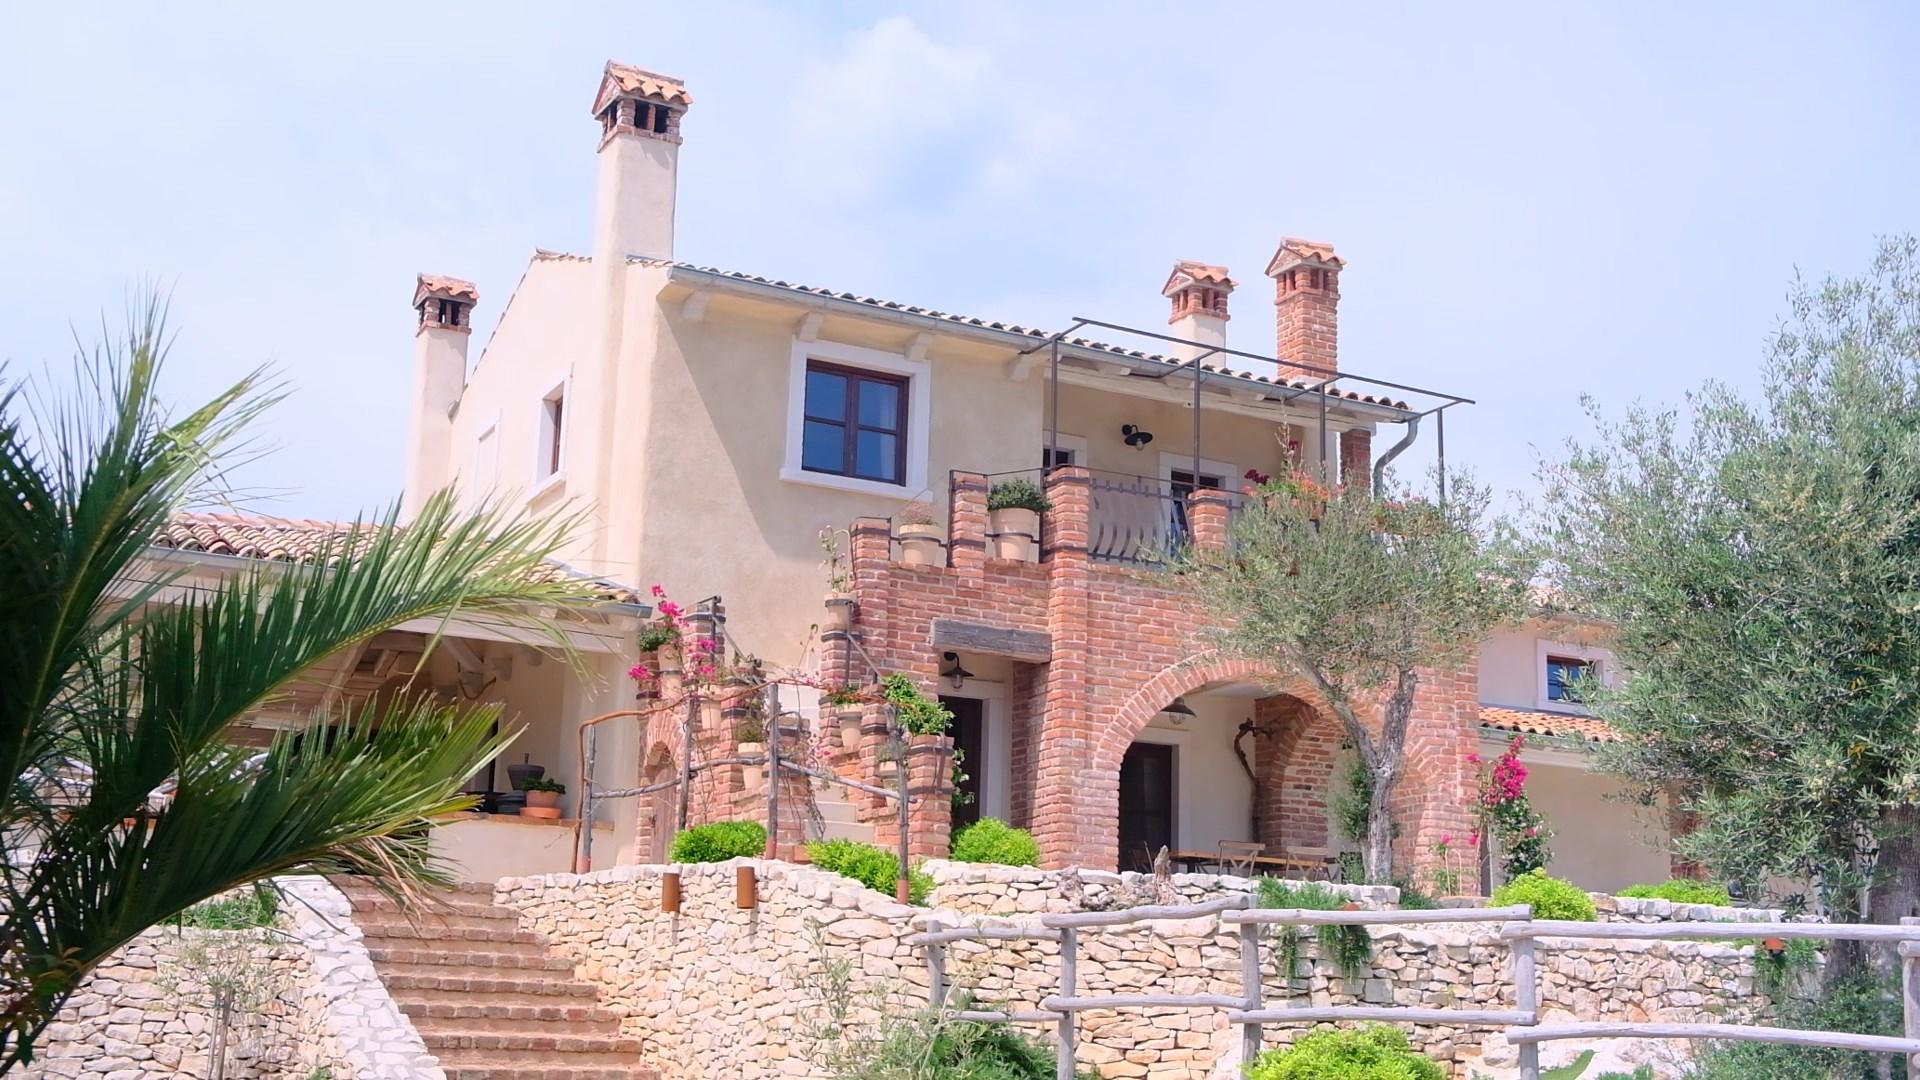 Spoj starog Mediterana i luksuza pronašli smo u vilama Rosa dei Venti u Rapcu